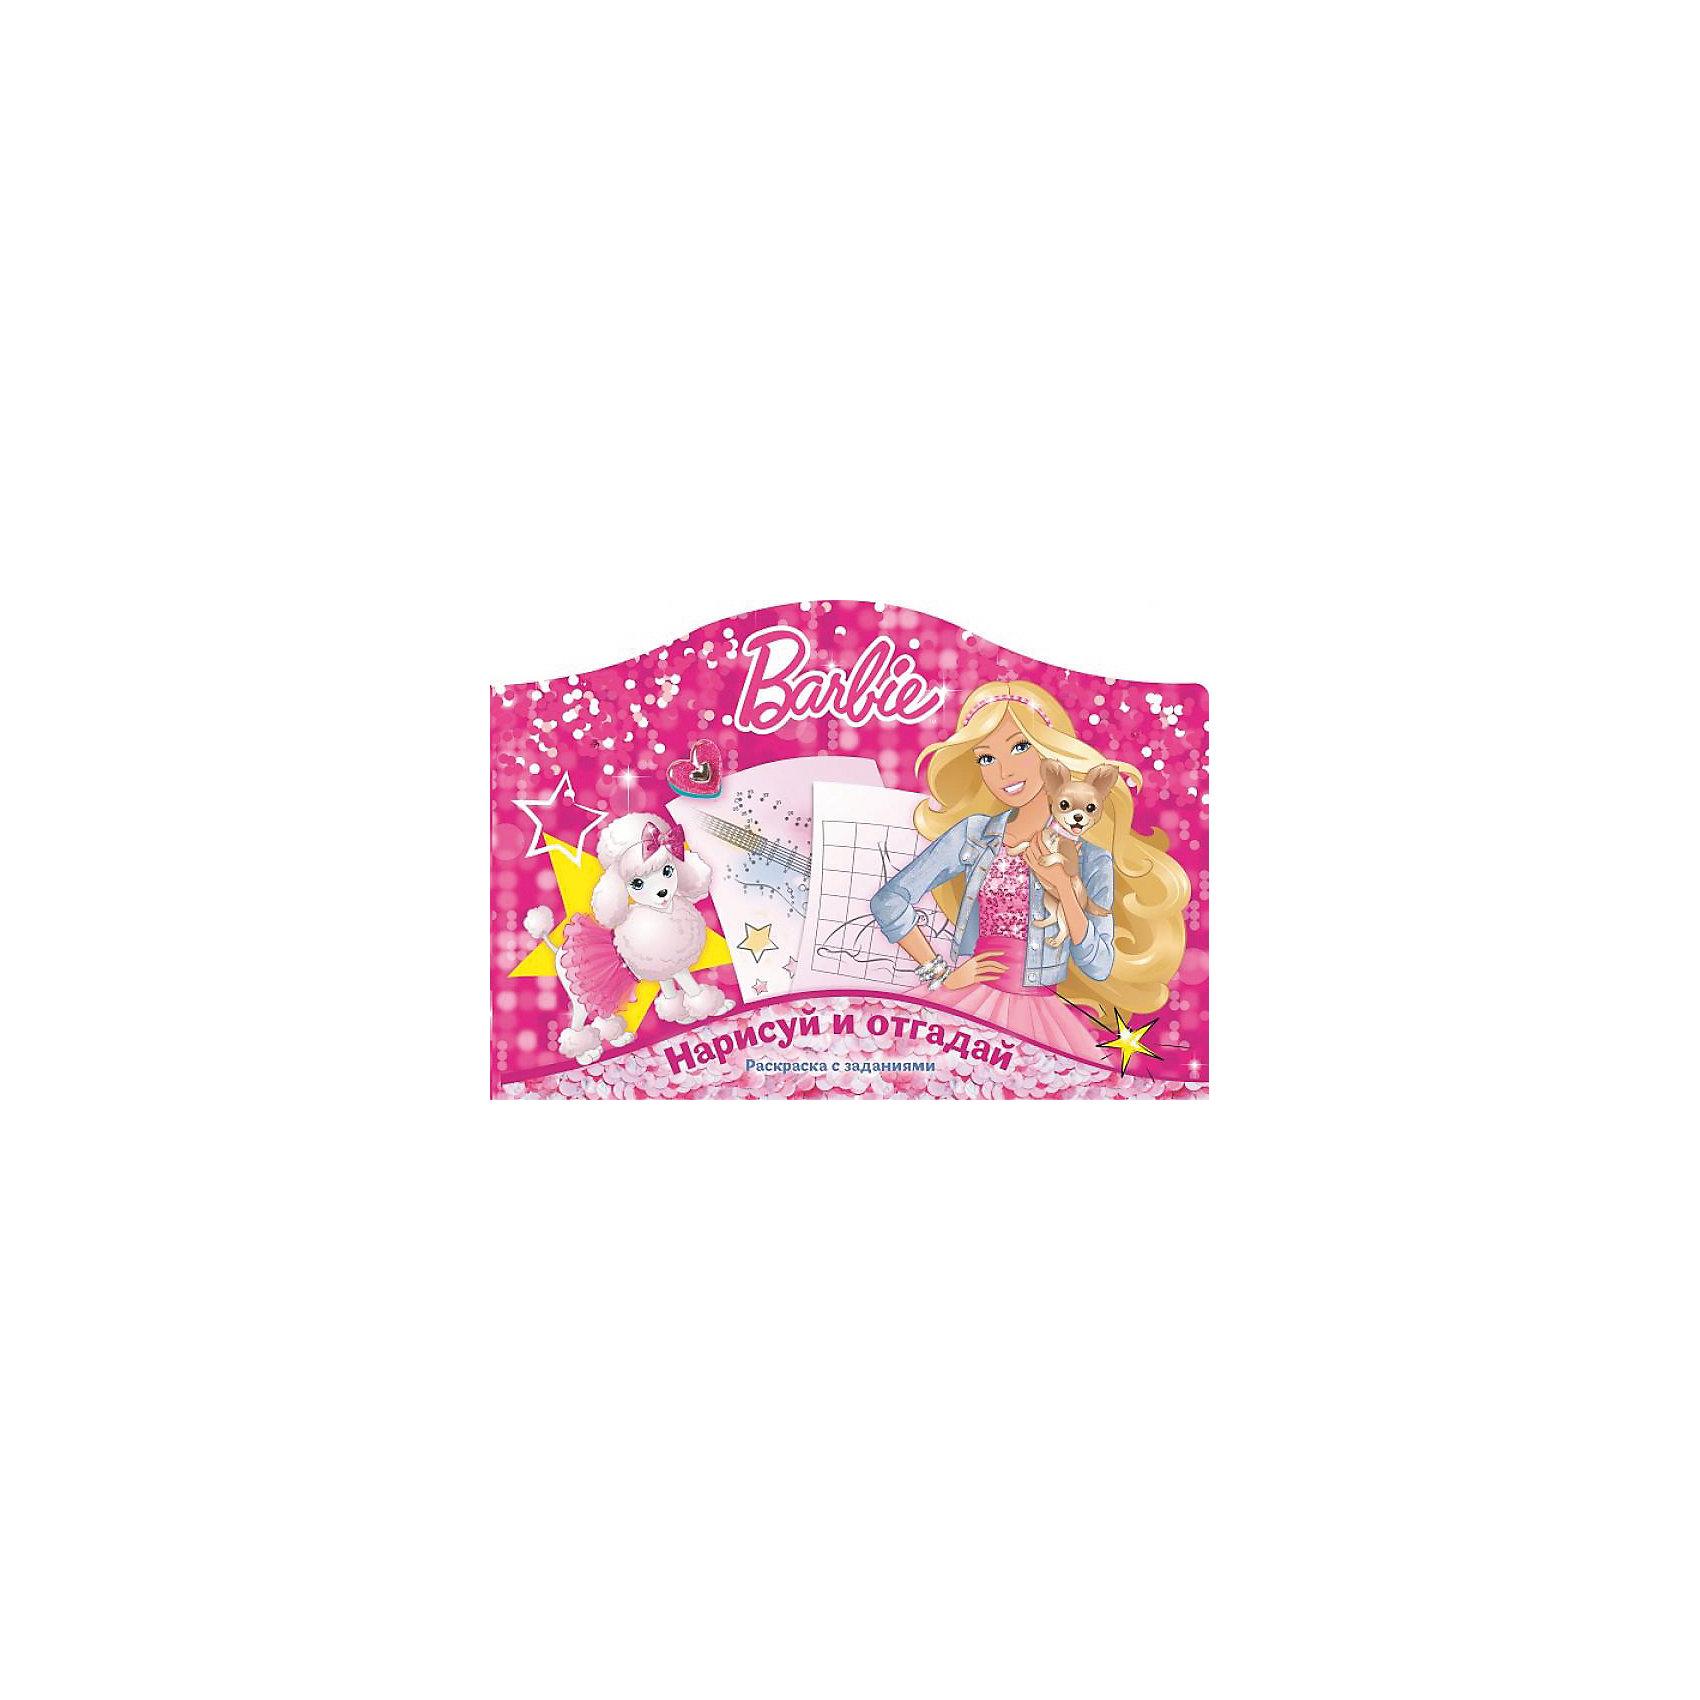 Раскраска с заданиями  БарбиРаскраска с заданиями  Барби – это отличная раскраска с заданиями для маленьких принцесс.<br>Раскраска с заданиями Барби сделает досуг вашей малышки веселей и интереснее. В ней надо не только раскрасить рисунки, но и выполнять увлекательные задания, о которых просит Барби: подобрать пары, нарисовать по точкам, найти отличия, сравнить или посчитать предметы, прочитать зашифрованное слово. Проходя их одно за другим, девочка сможет натренировать логику, смекалку и наблюдательность. Для младшего школьного возраста.<br><br>Дополнительная информация:<br><br>- Редактор: Пименова Татьяна<br>- Издательство: Эгмонт, 2015 г.<br>- Серия: Нарисуй и отгадай<br>- Тип обложки: мягкий переплет (крепление скрепкой или клеем)<br>- Оформление: вырубка, частичная лакировка<br>- Иллюстрации: черно-белые<br>- Количество страниц: 32 (офсет)<br>- Размер: 210x298x4 мм.<br>- Вес: 148 гр.<br><br>Раскраску с заданиями  Барби можно купить в нашем интернет-магазине.<br><br>Ширина мм: 210<br>Глубина мм: 295<br>Высота мм: 4<br>Вес г: 100<br>Возраст от месяцев: 48<br>Возраст до месяцев: 120<br>Пол: Женский<br>Возраст: Детский<br>SKU: 4400528